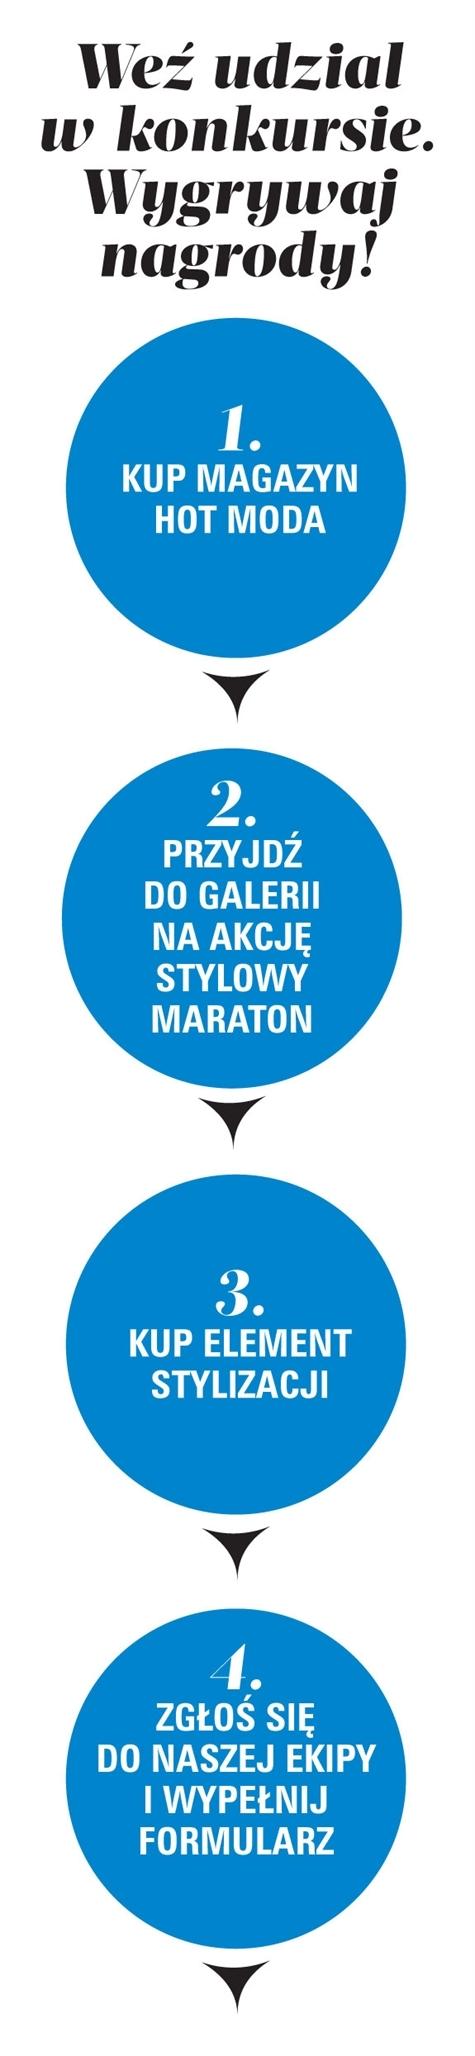 Stylowy Maraton HOT Moda w Arkadii - fotorelacja